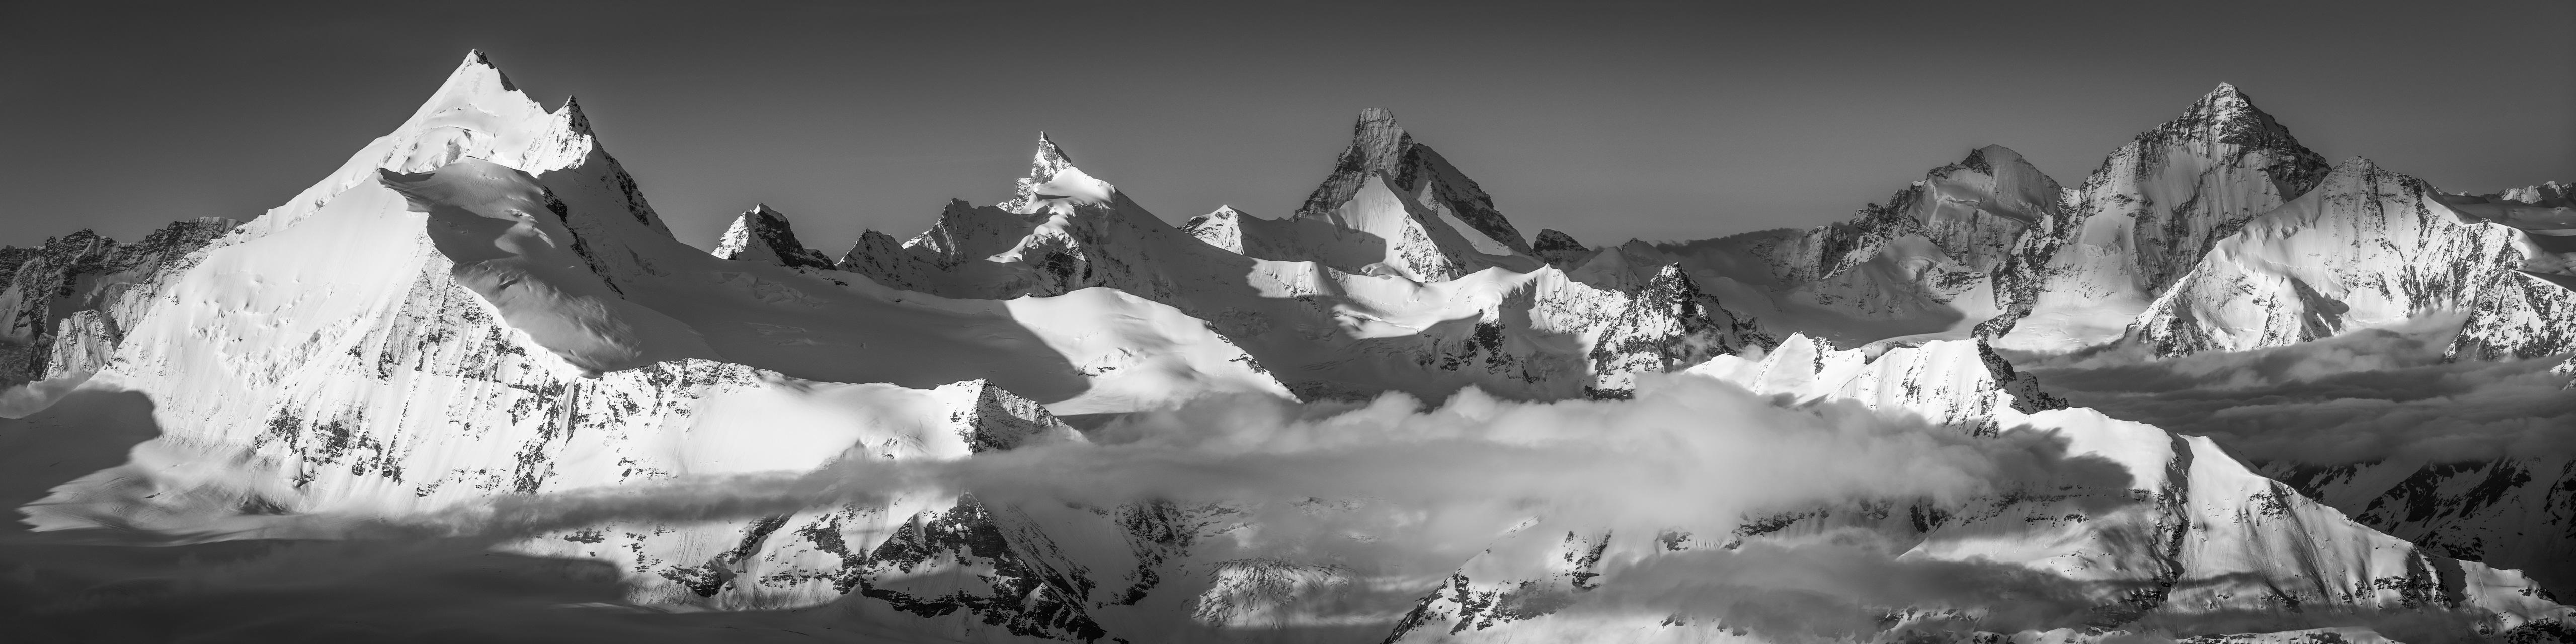 Couronne impériale de Zinal- Paysage panoramique des sommets de montagne des Alpes à encadrer